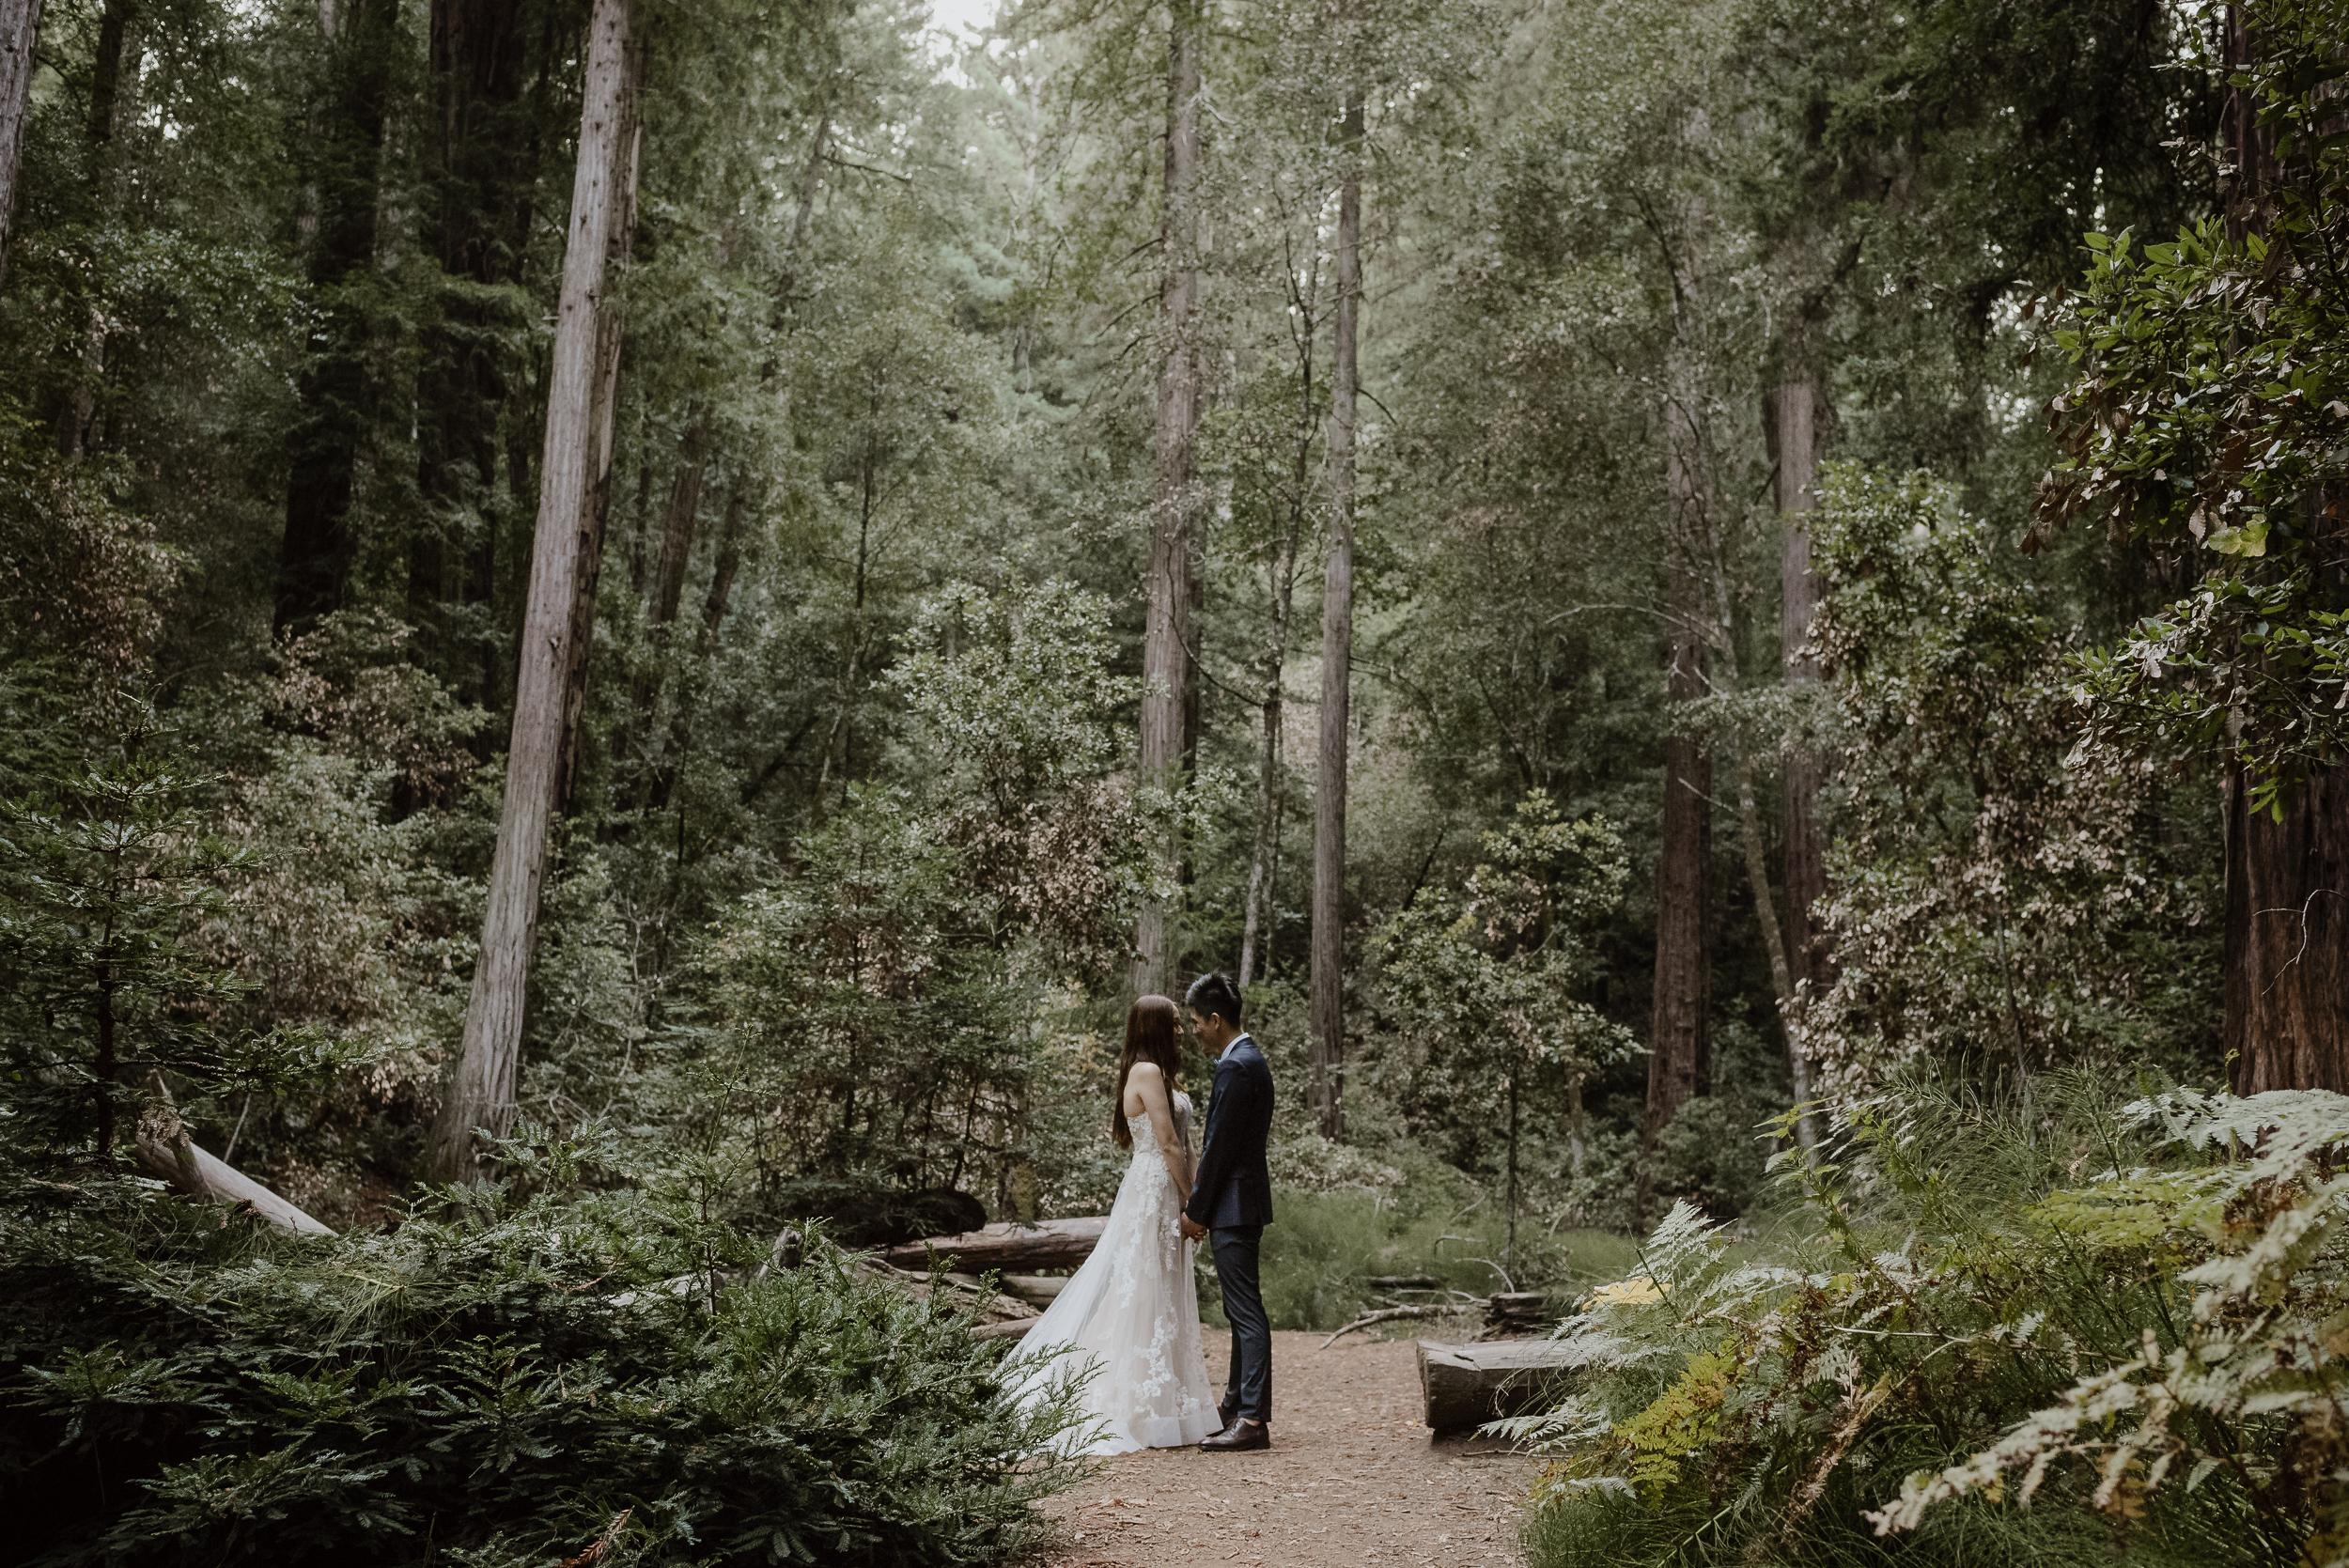 17-muir-woods-wedding-engagement-portrait-session-vivianchen-170.jpg